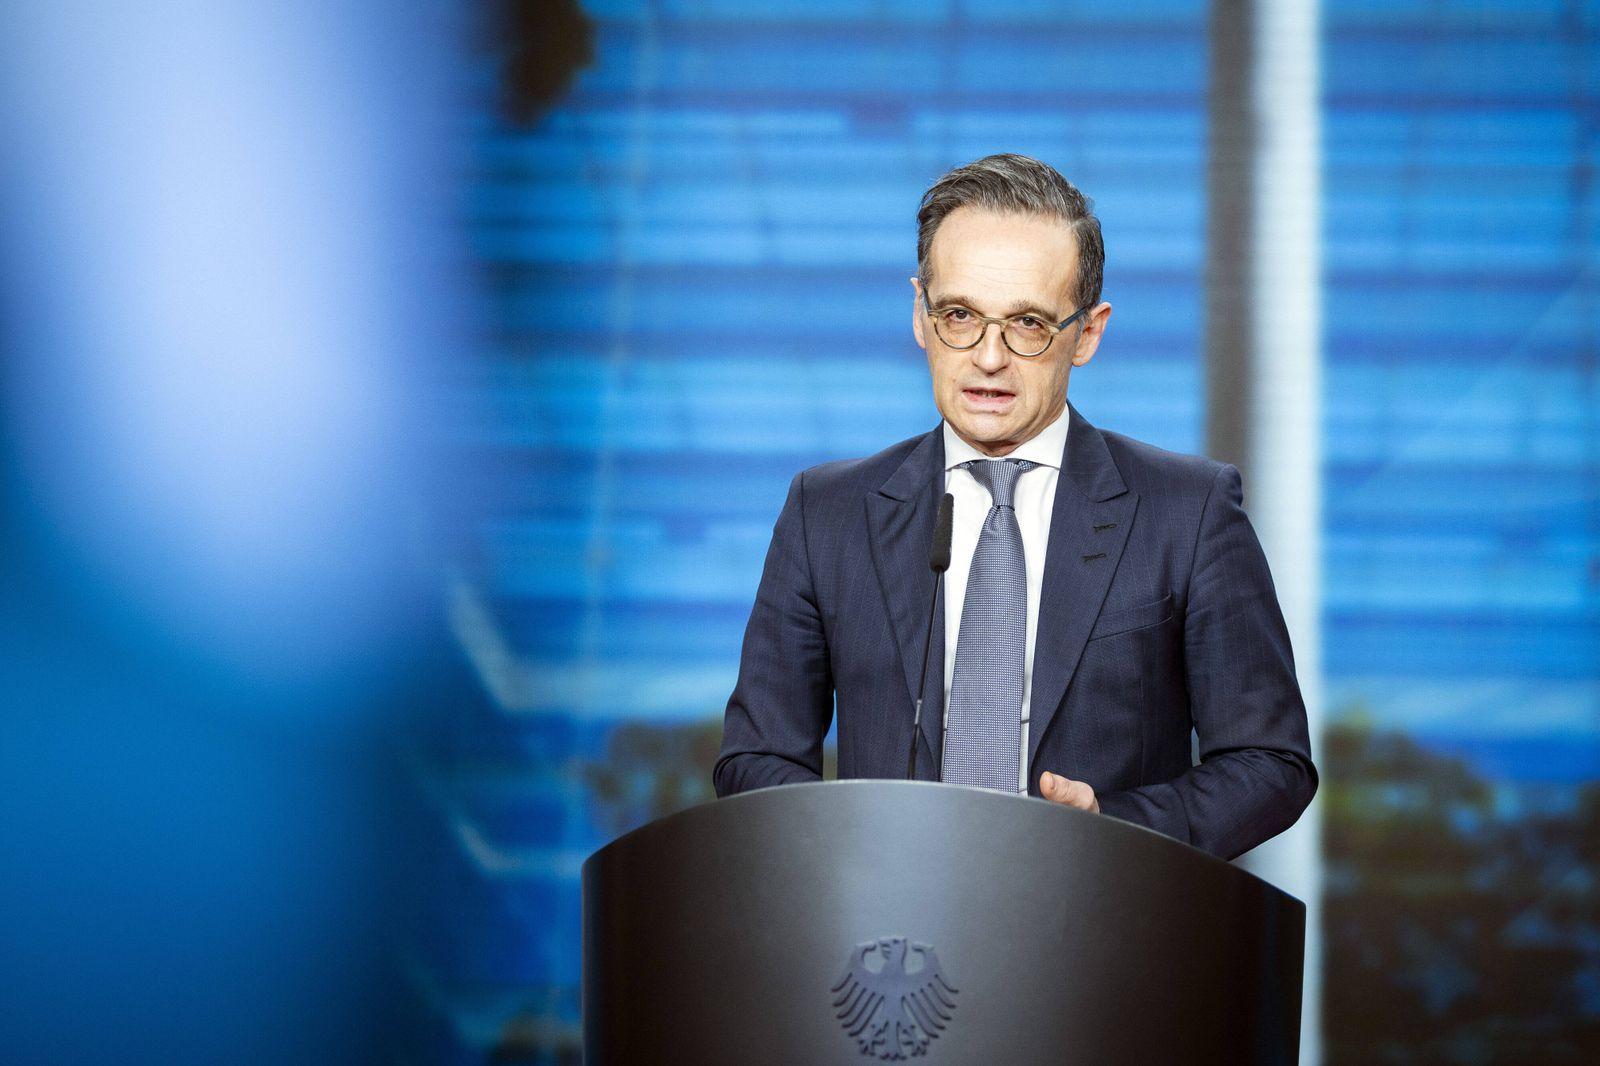 Heiko Maas, Bundesaussenminister, aufgenommen im Rahmen einer virtuellen Pressekonferenz zur Eroeffnung des Bundesamts